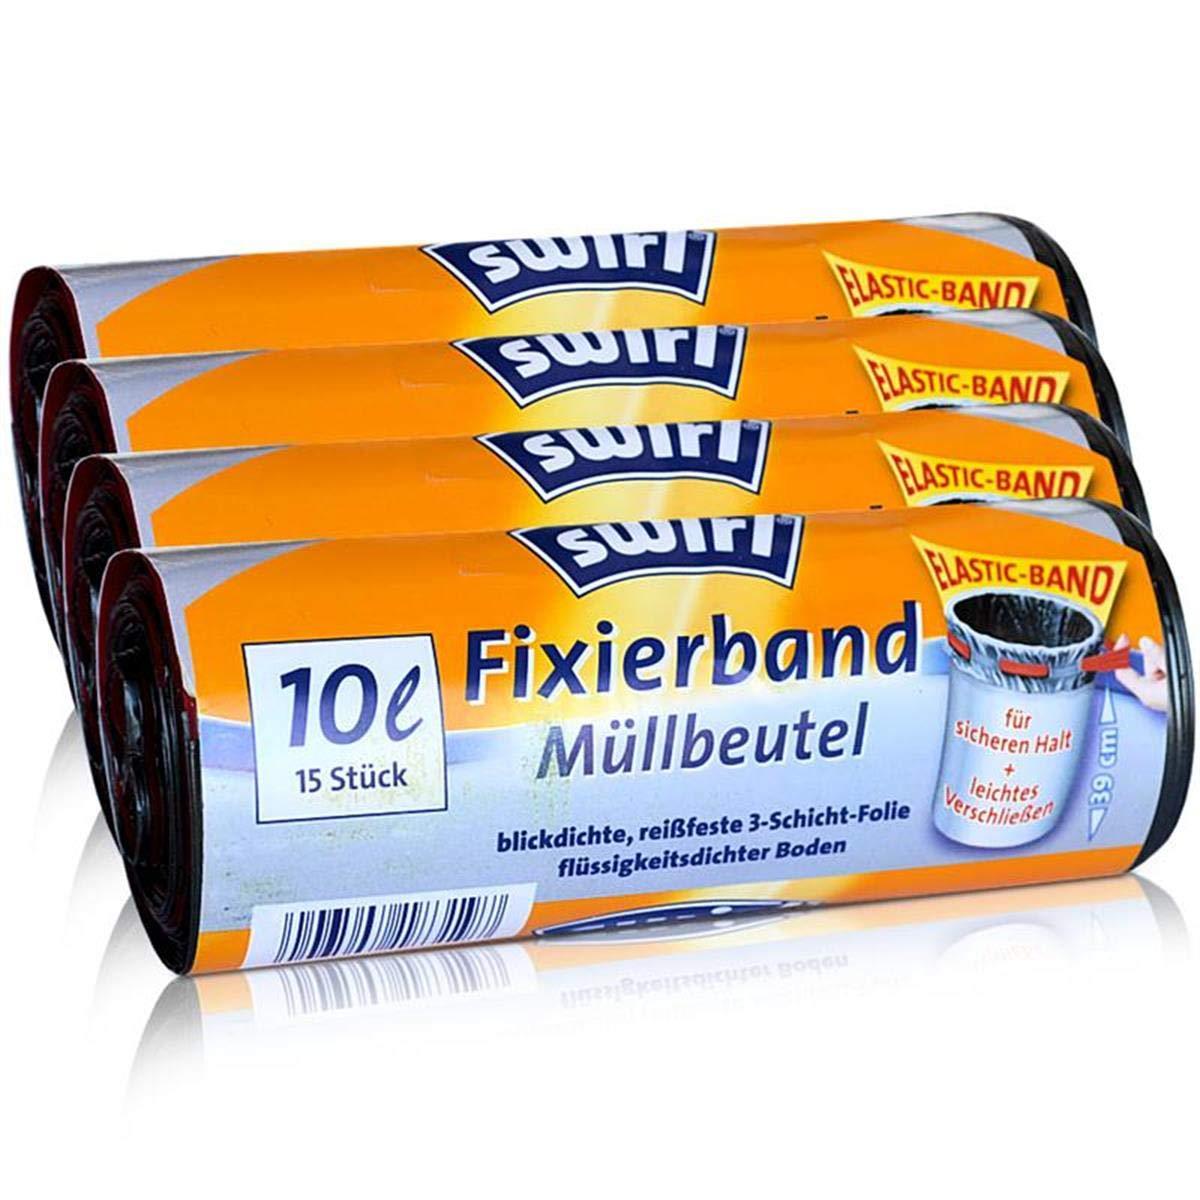 4x Swirl Fixierband Müllbeutel 10L ( 15 stk./Rolle )